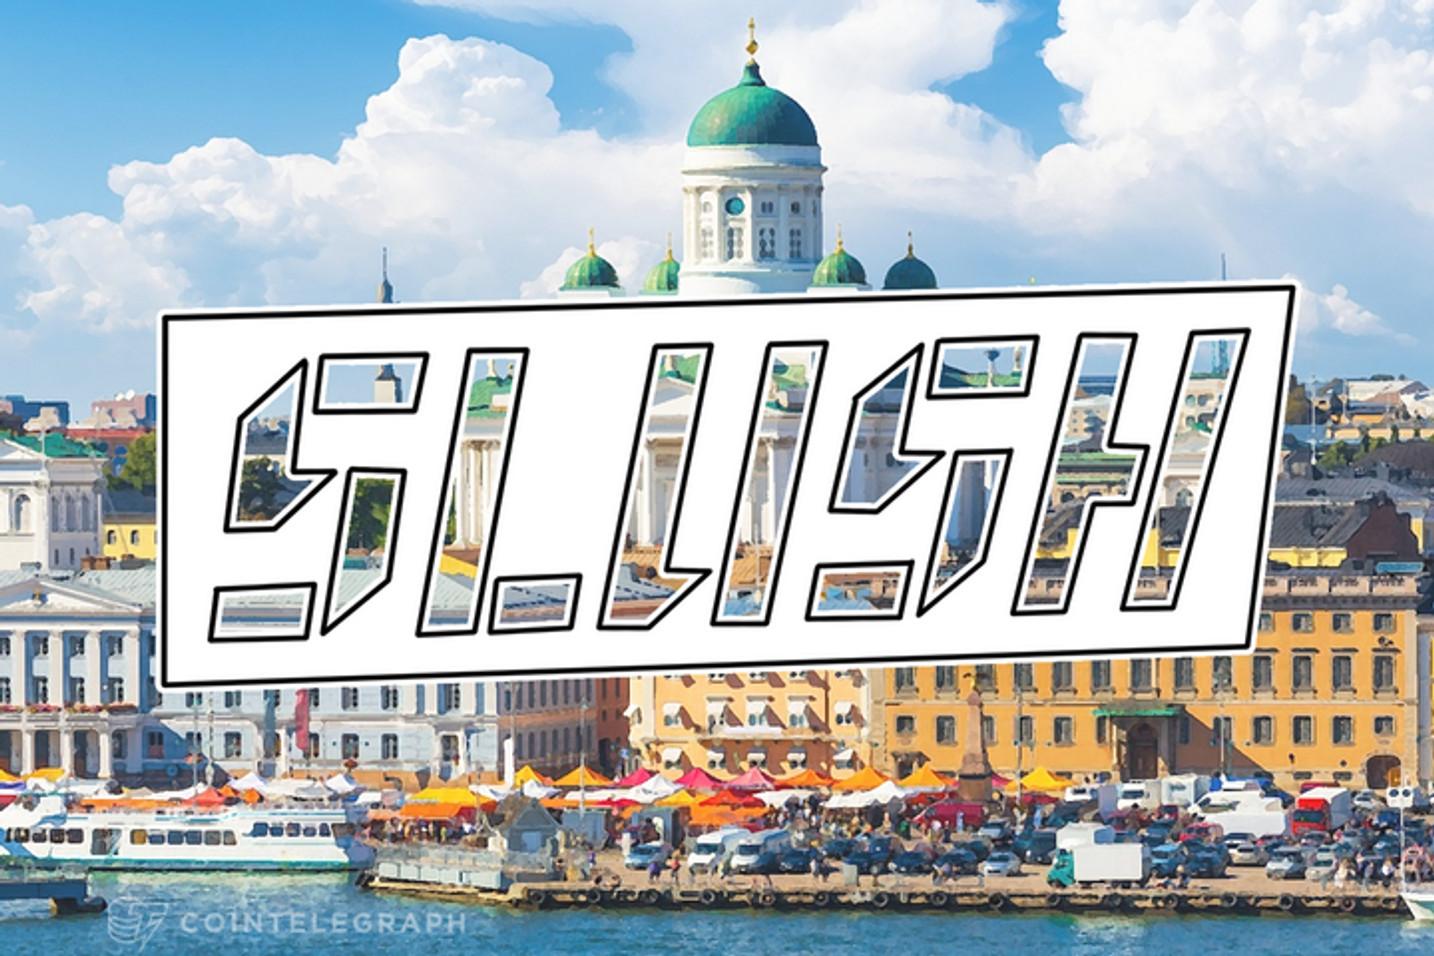 Non-Profit Tech Expo Slush to Hit Helsinki Today